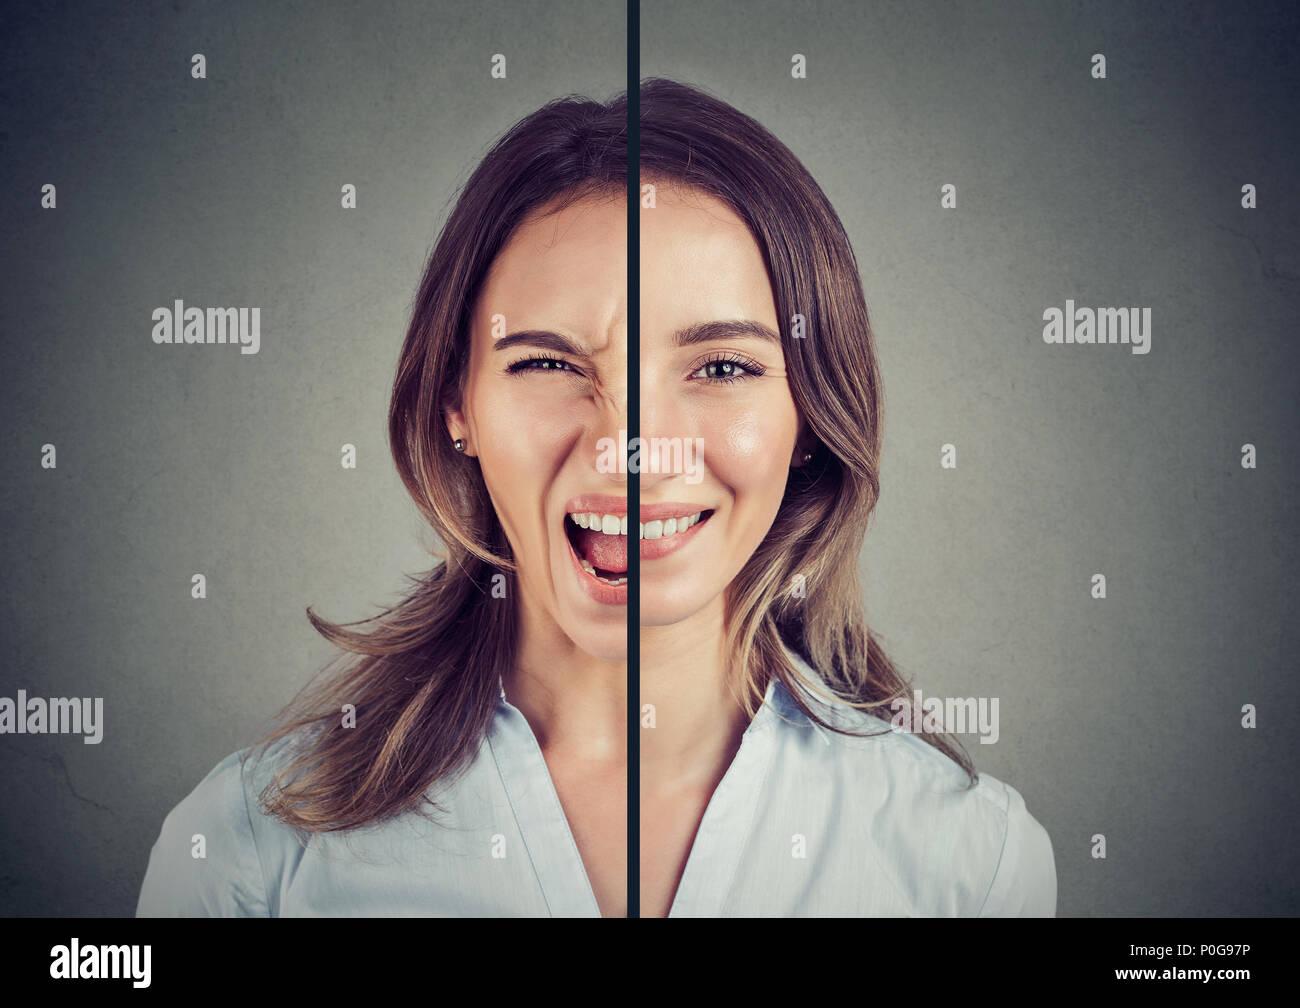 Bipolare Störung Konzept. Junge Frau mit einem Gesichtsausdruck auf grauem Hintergrund Stockbild